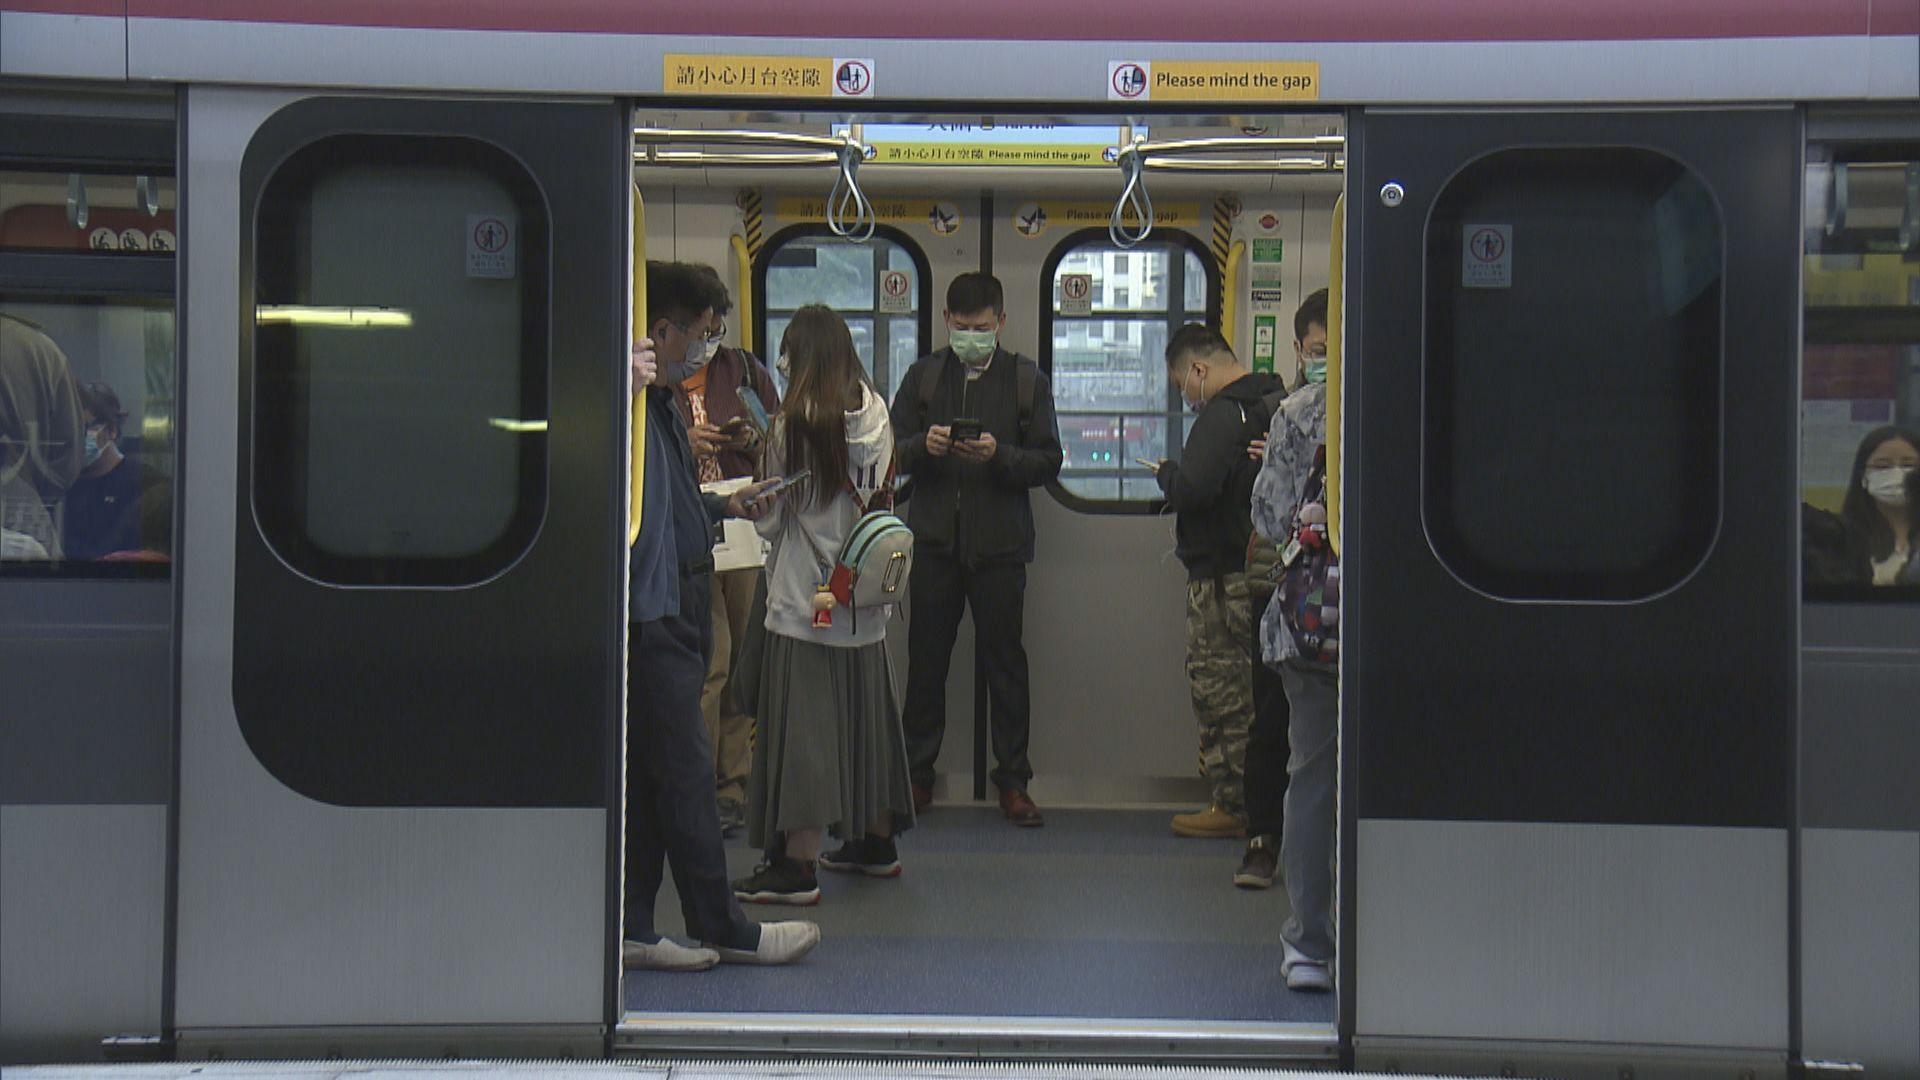 【首個上班日】東鐵綫一列九卡列車疑機件故障 服務一度受阻